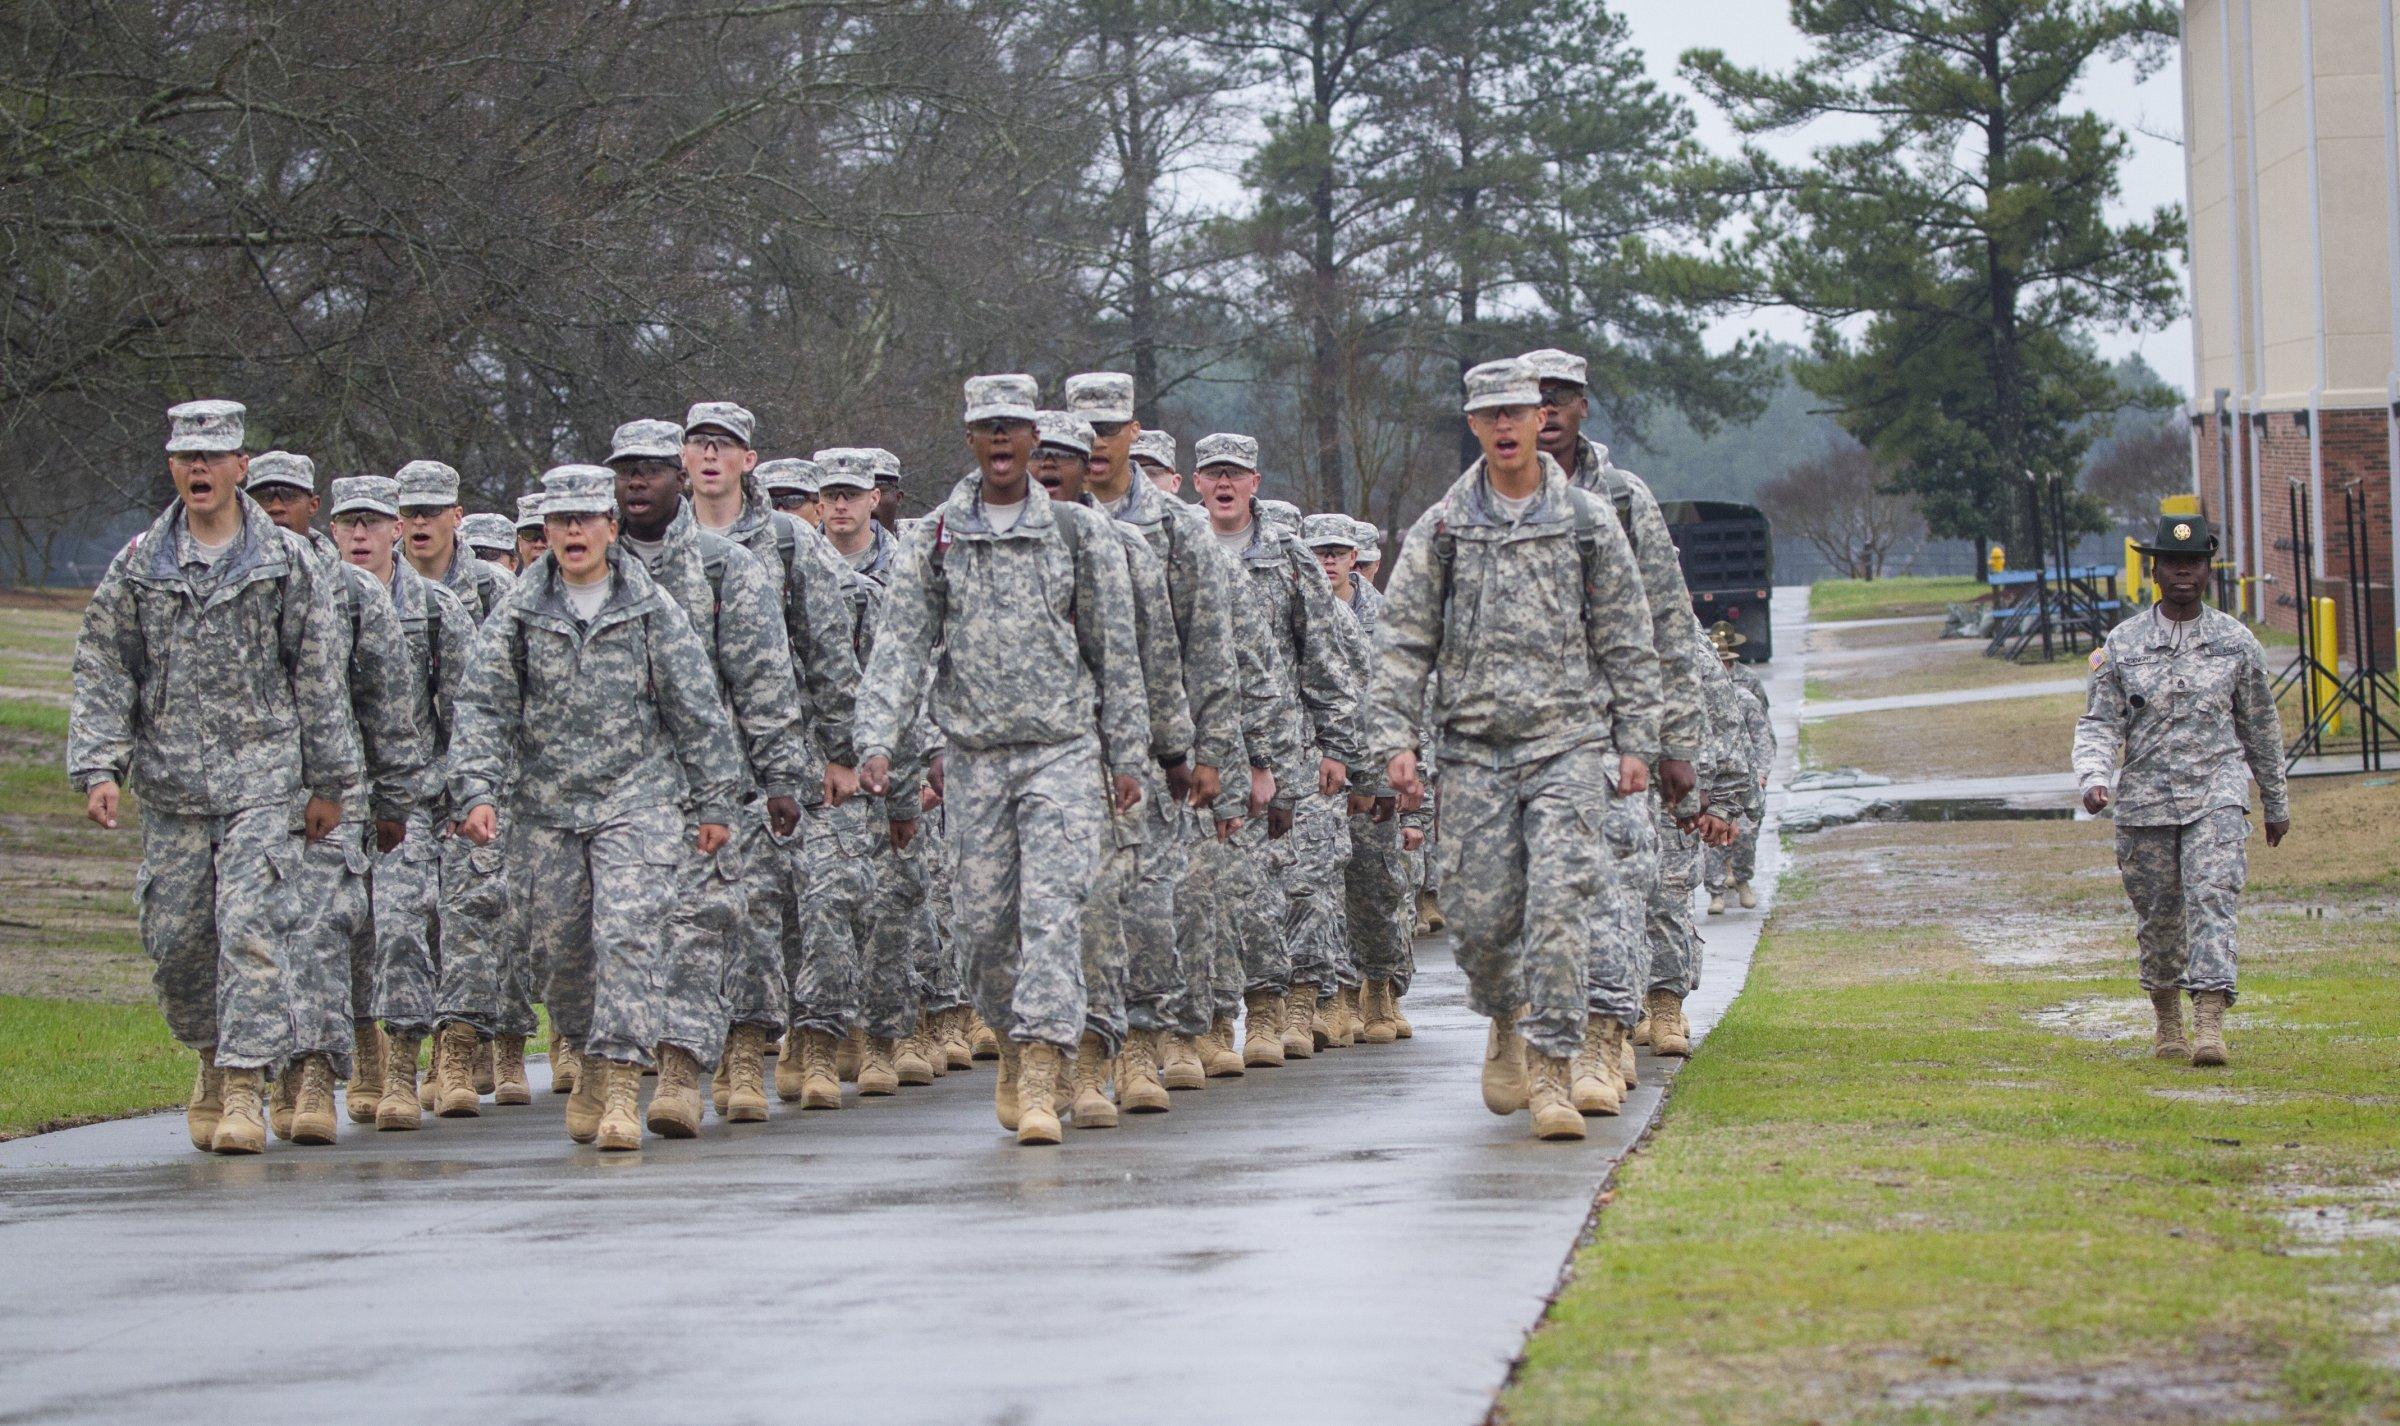 ارسال بسته مشکوک به یک پایگاه نظامی در ویرجینیا